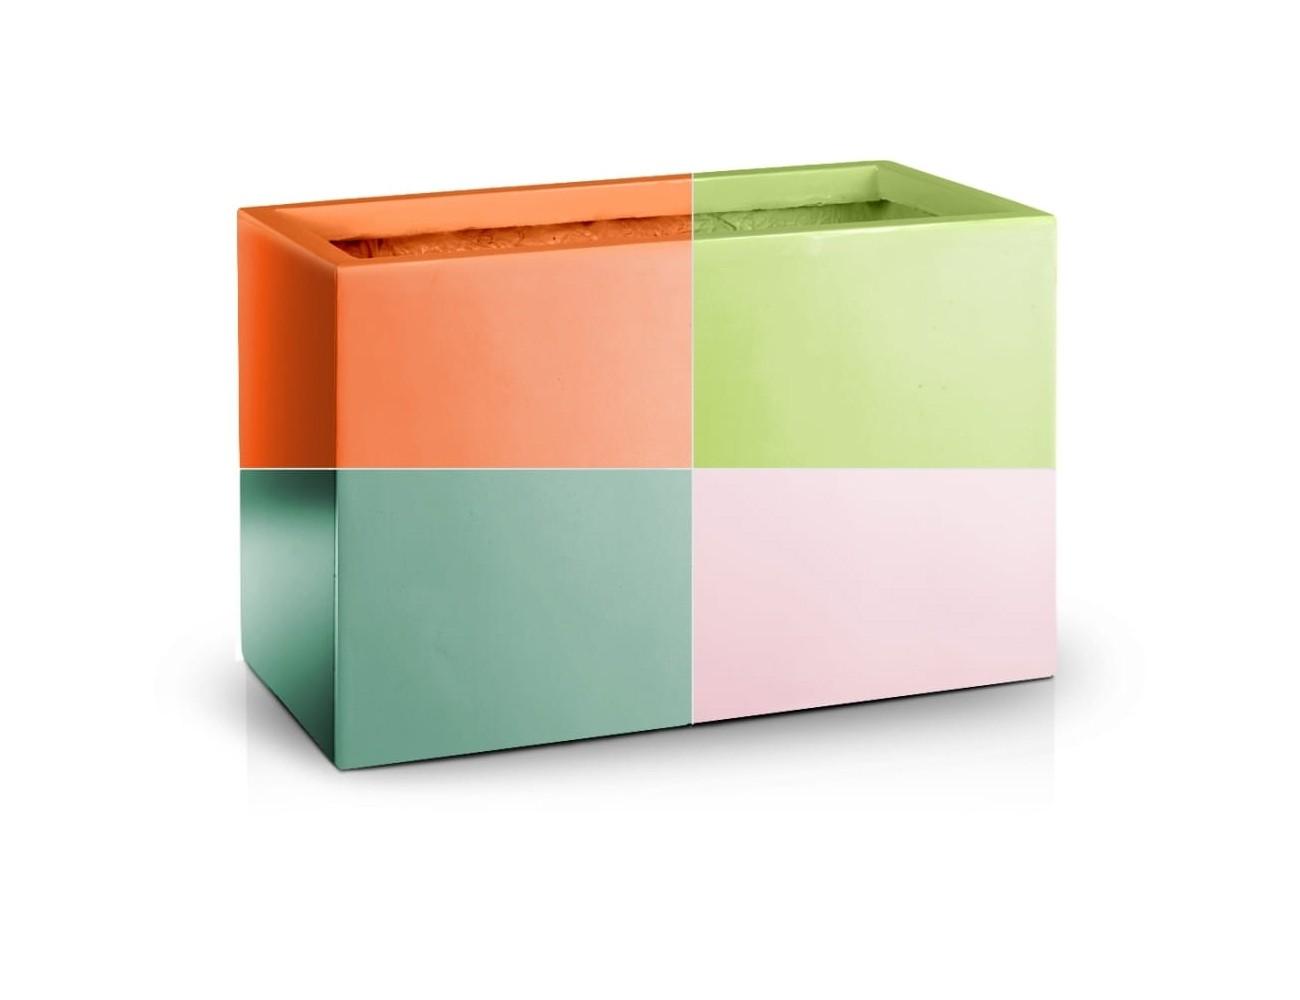 Donica Fiberglass 100x45x46 cm kolor na zamówienie